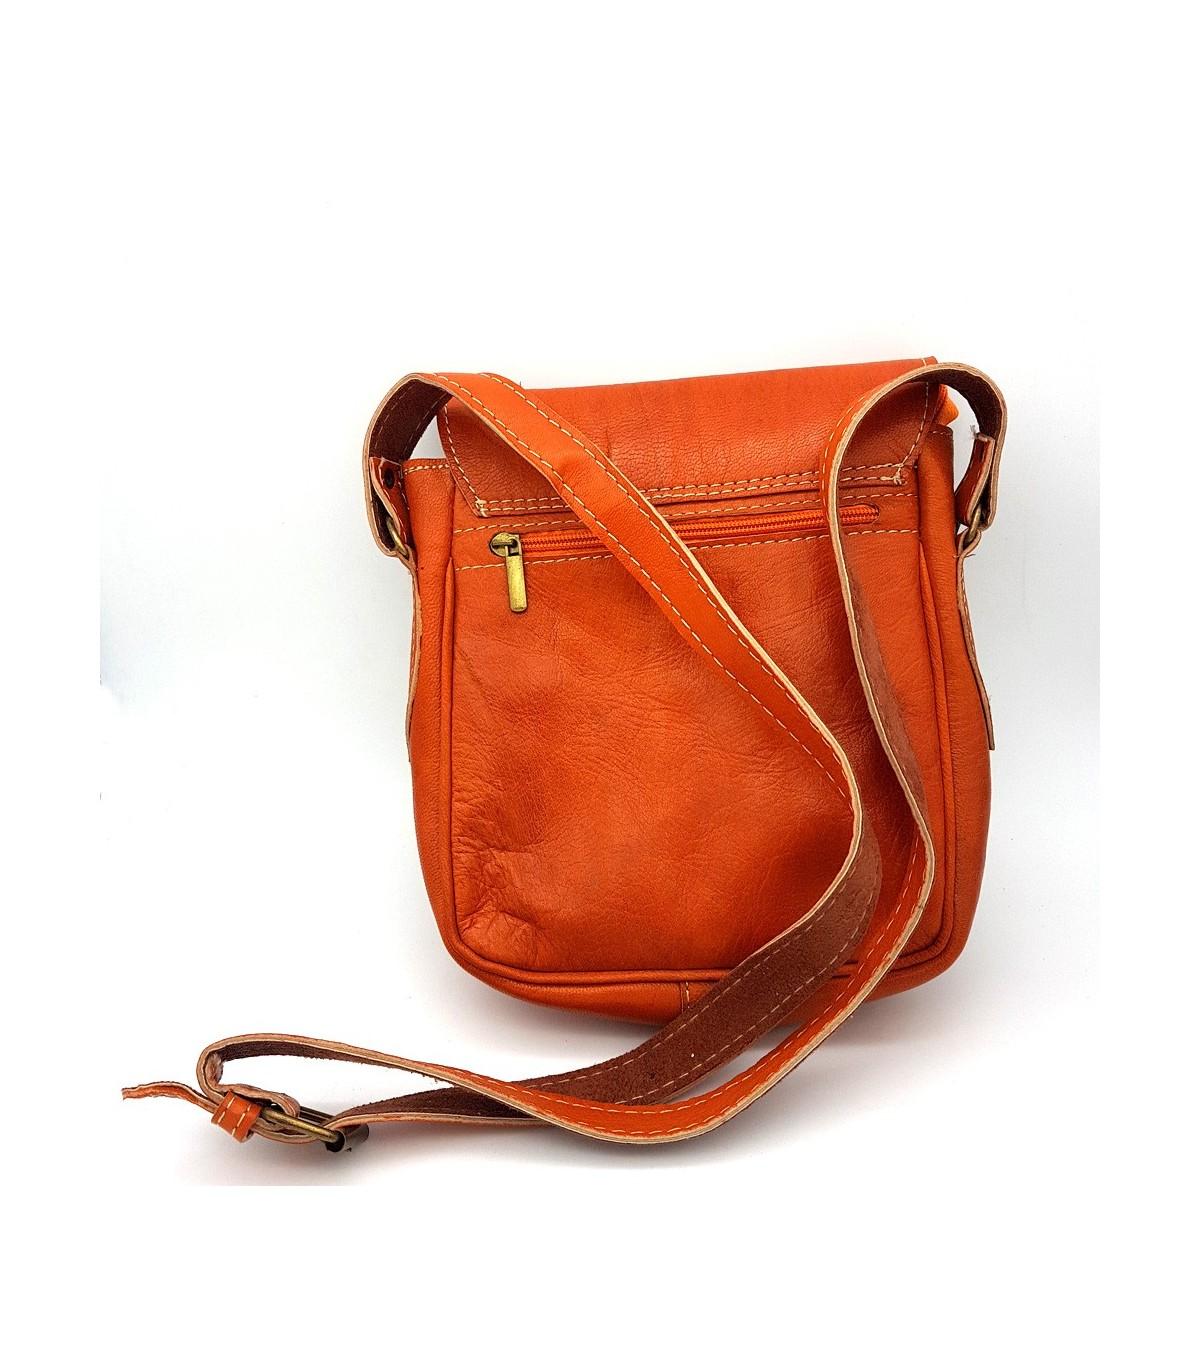 grande descuento venta excepcional gama de colores estilo clásico Bolso Cuero Hombre - 100% Natural - Marroquineria - Modelo JADID